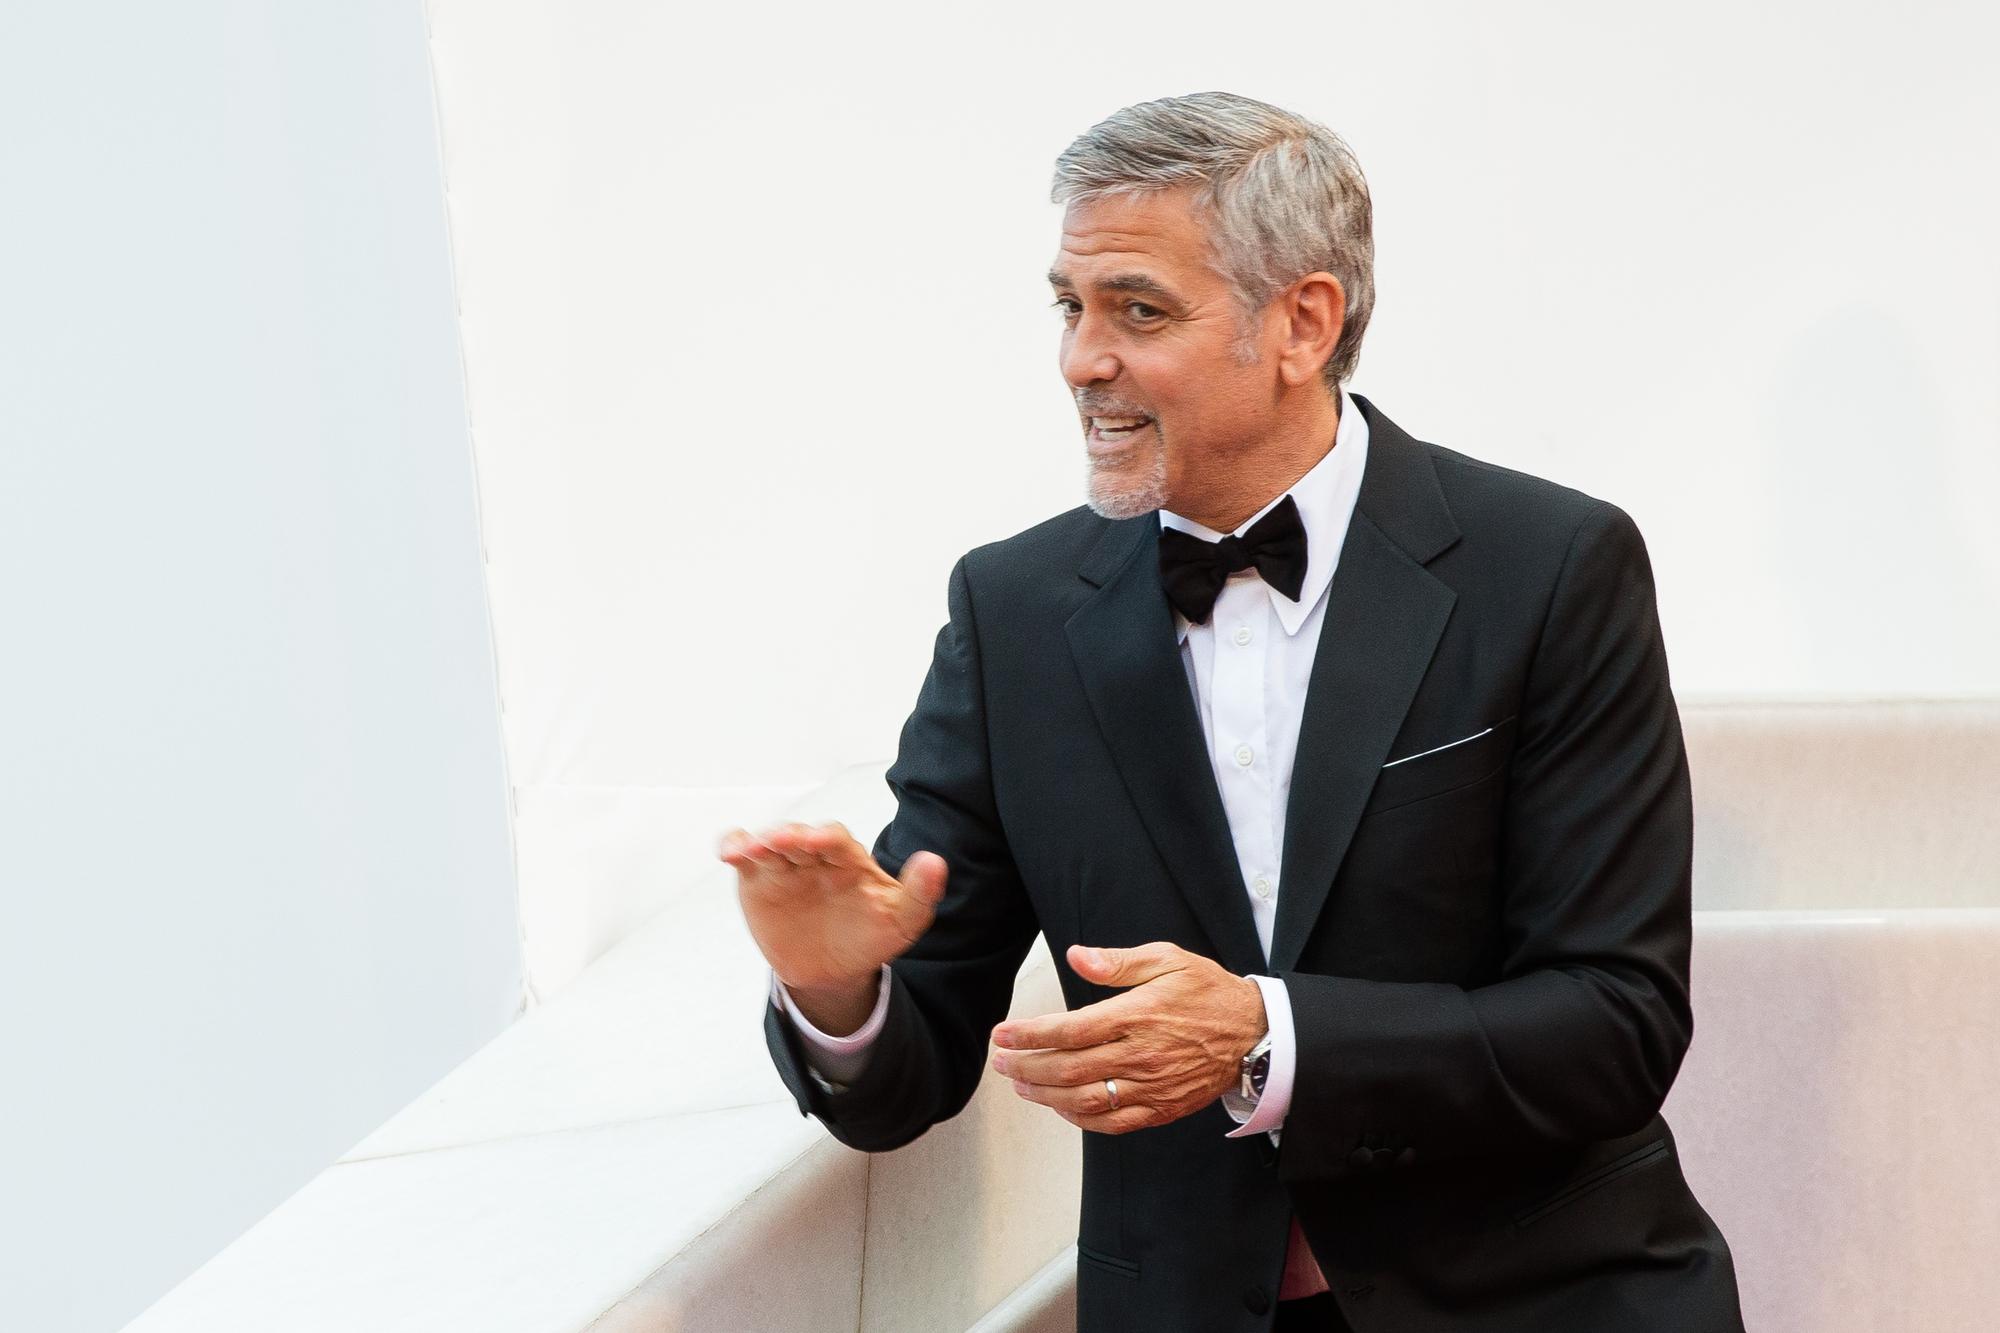 Джордж Клуни рассказал, почему взял перерыв в съемках на четыре года